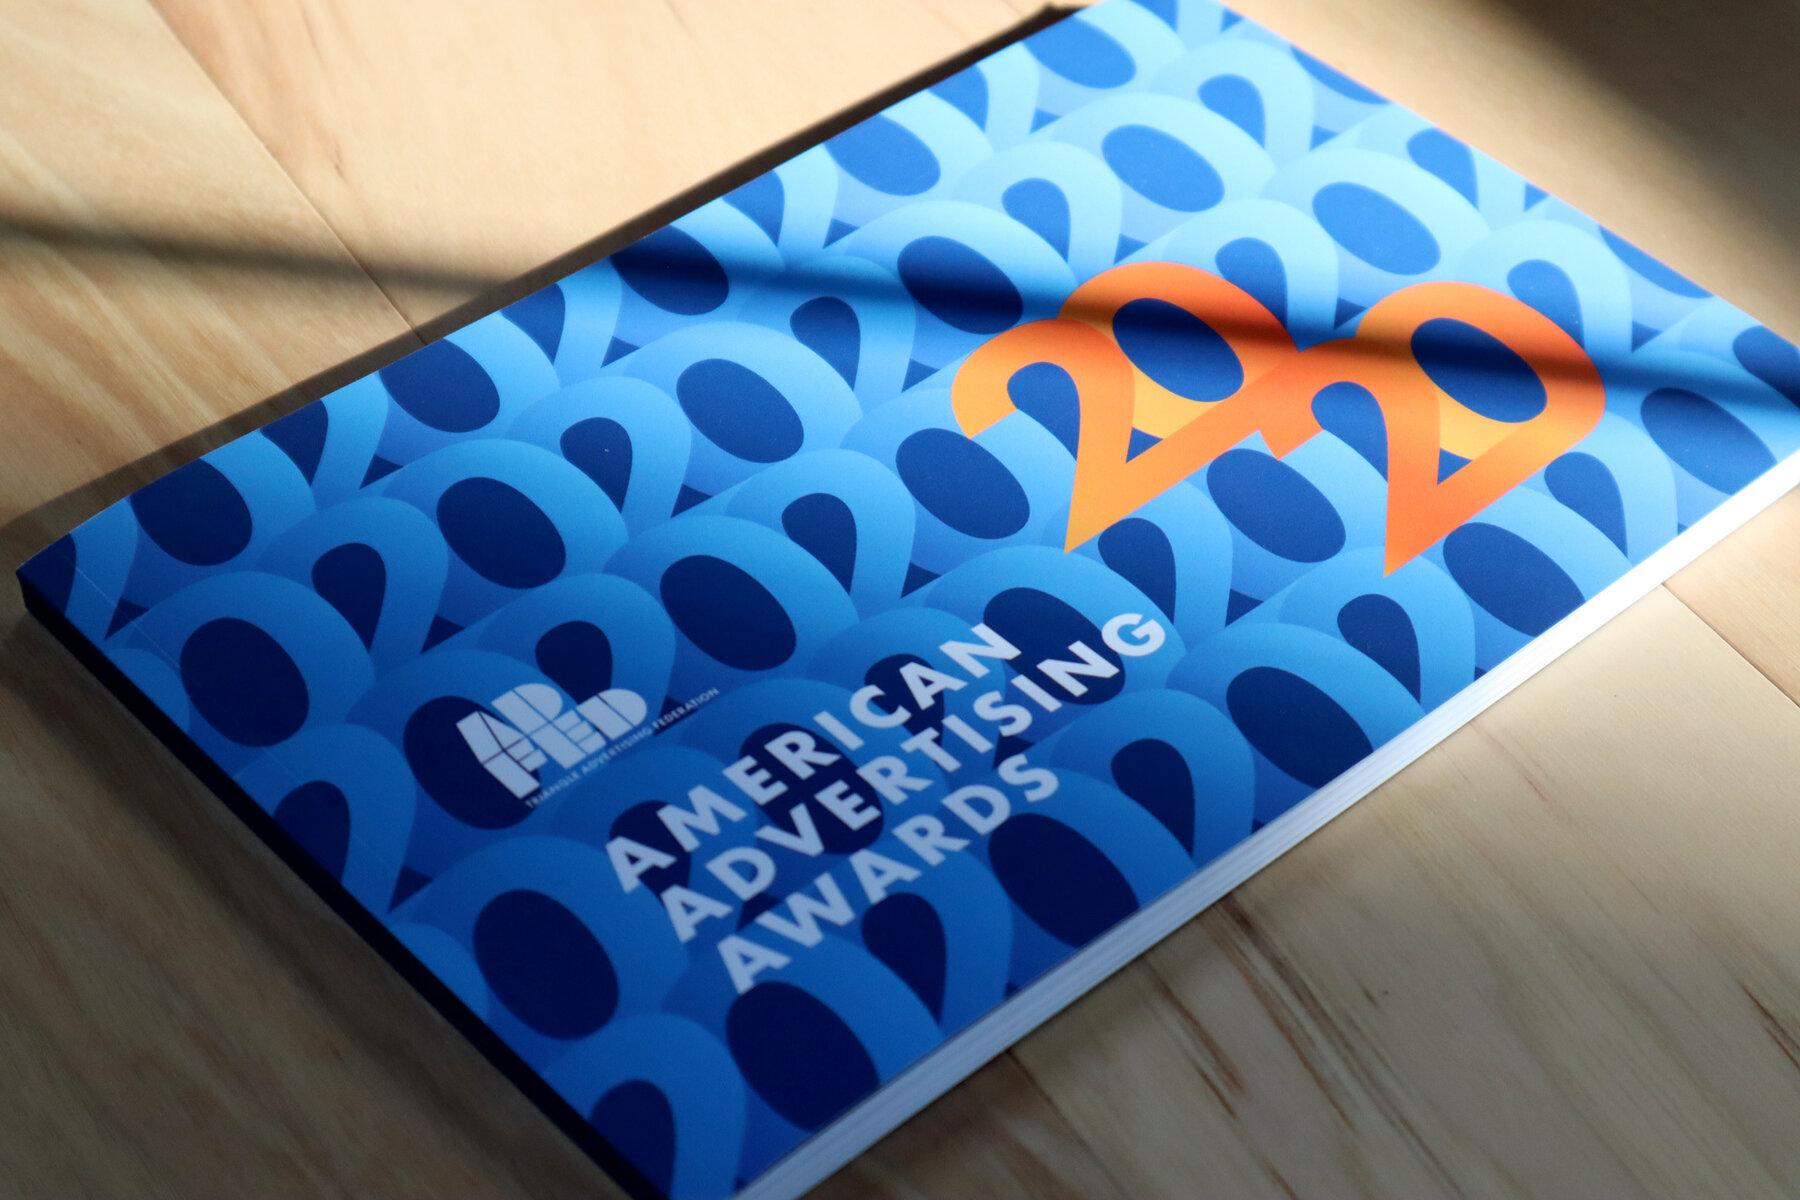 FWV ADDY2020 Awards Book 1